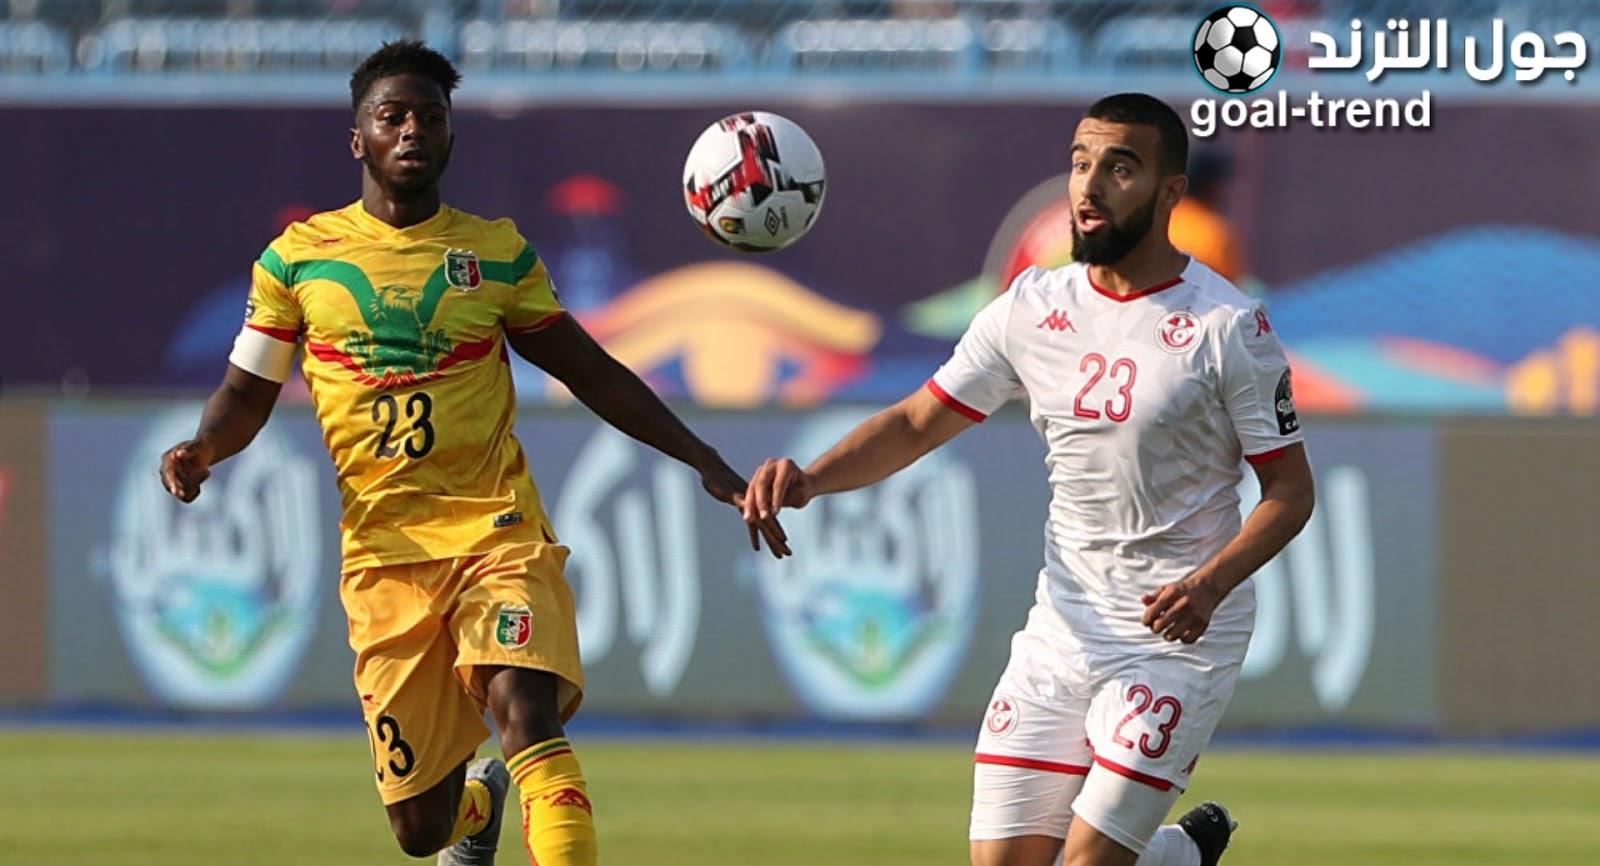 نتيجة مواجهة تونس وموريتانيا في كأس امم افريقيا